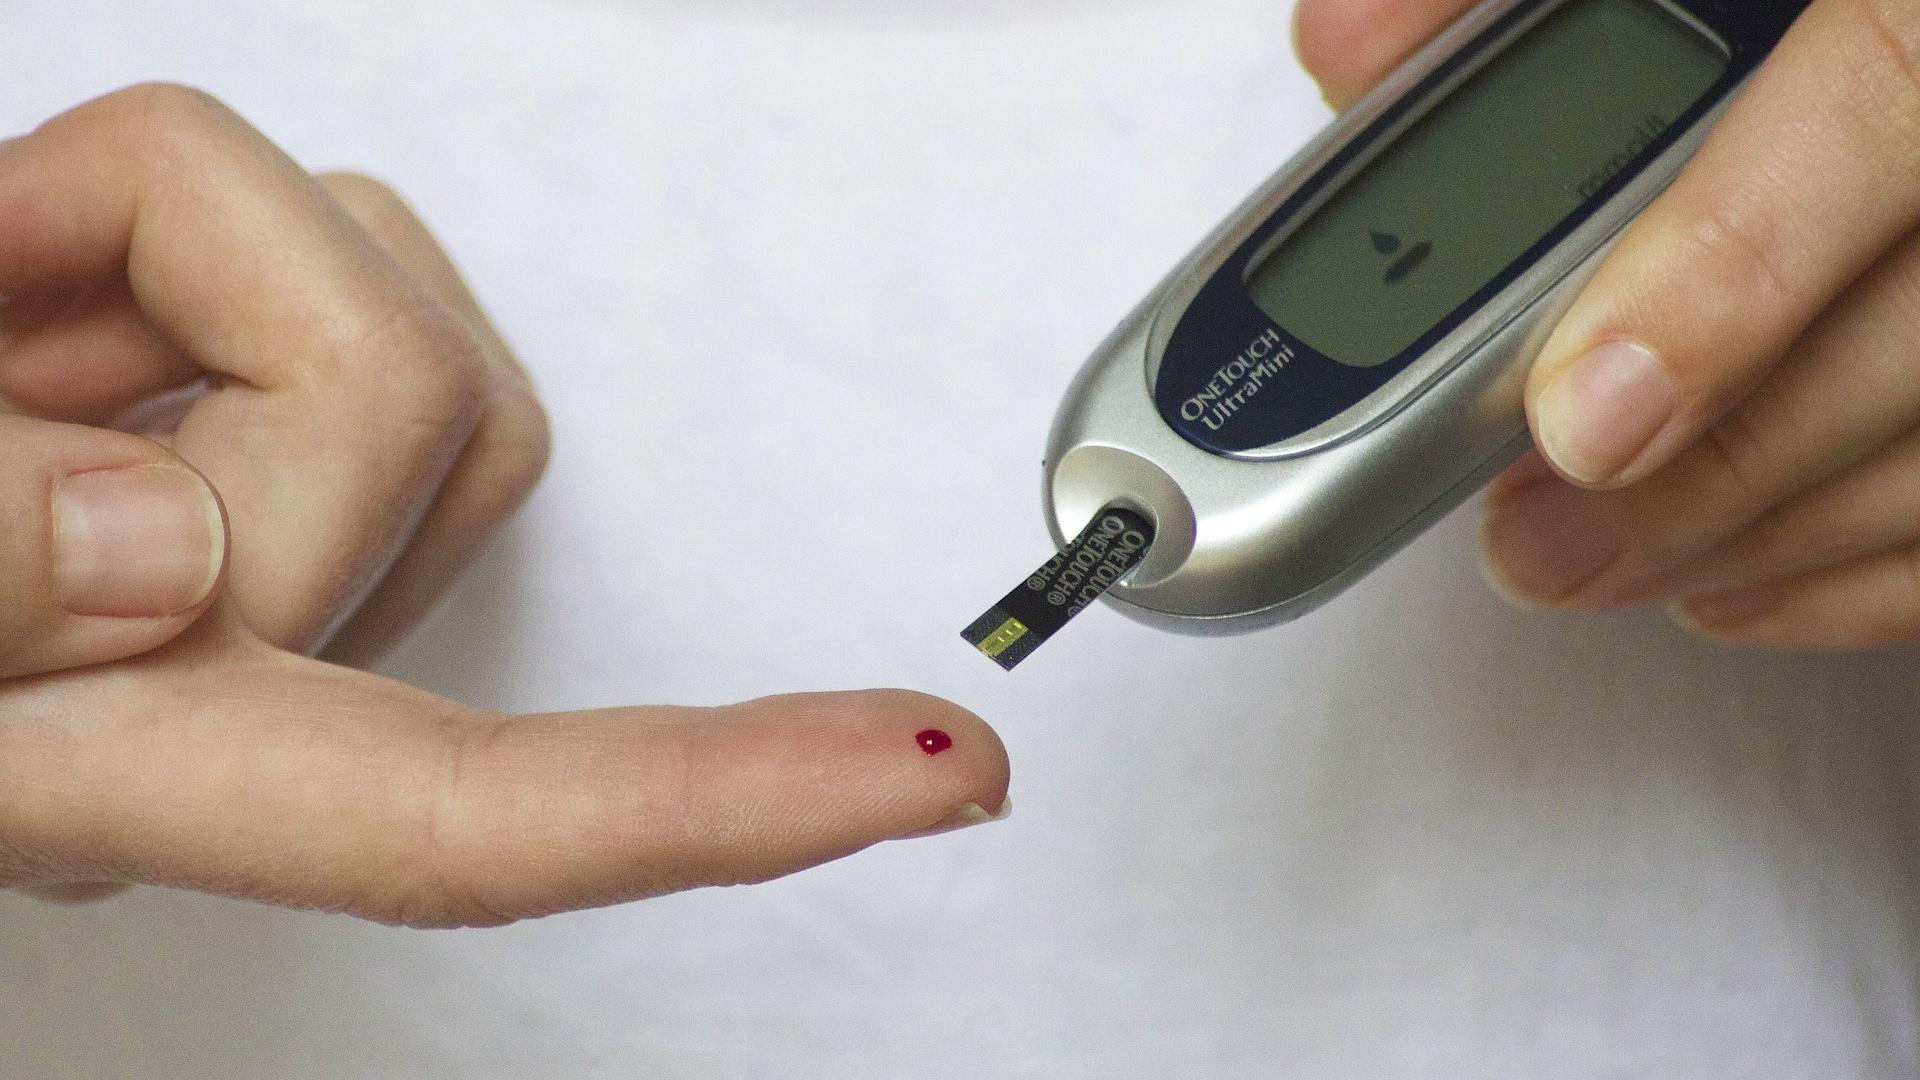 Erkrankungen wie Diabetes können einen Risikofaktor für eine Herzinsuffizienz darstellen.